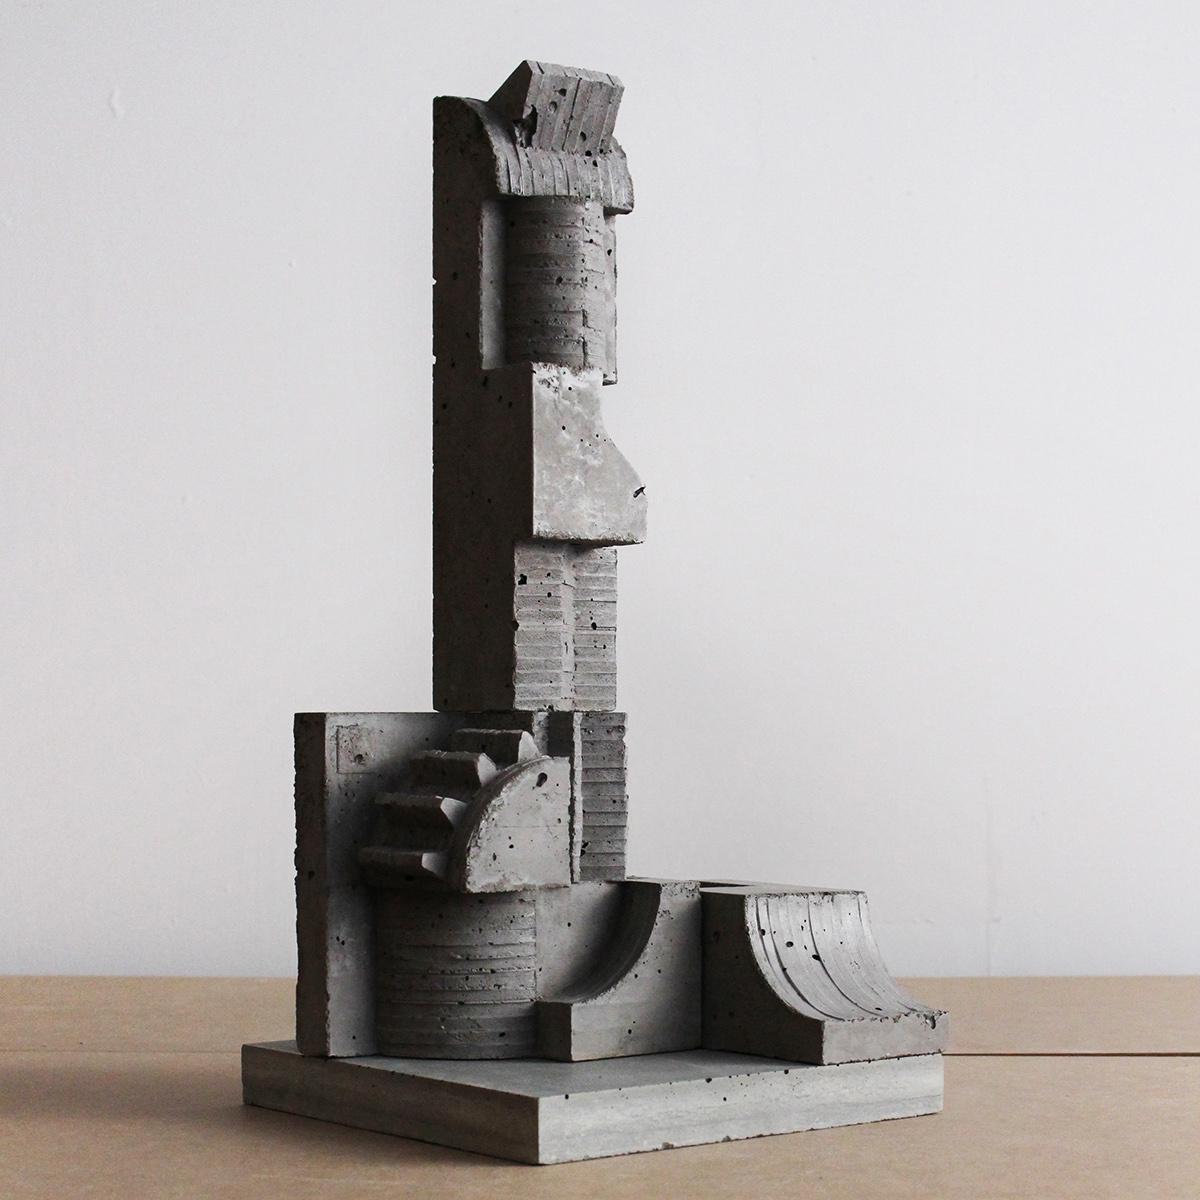 umemoto-sculpture-architecture-brutalisme-beton-01